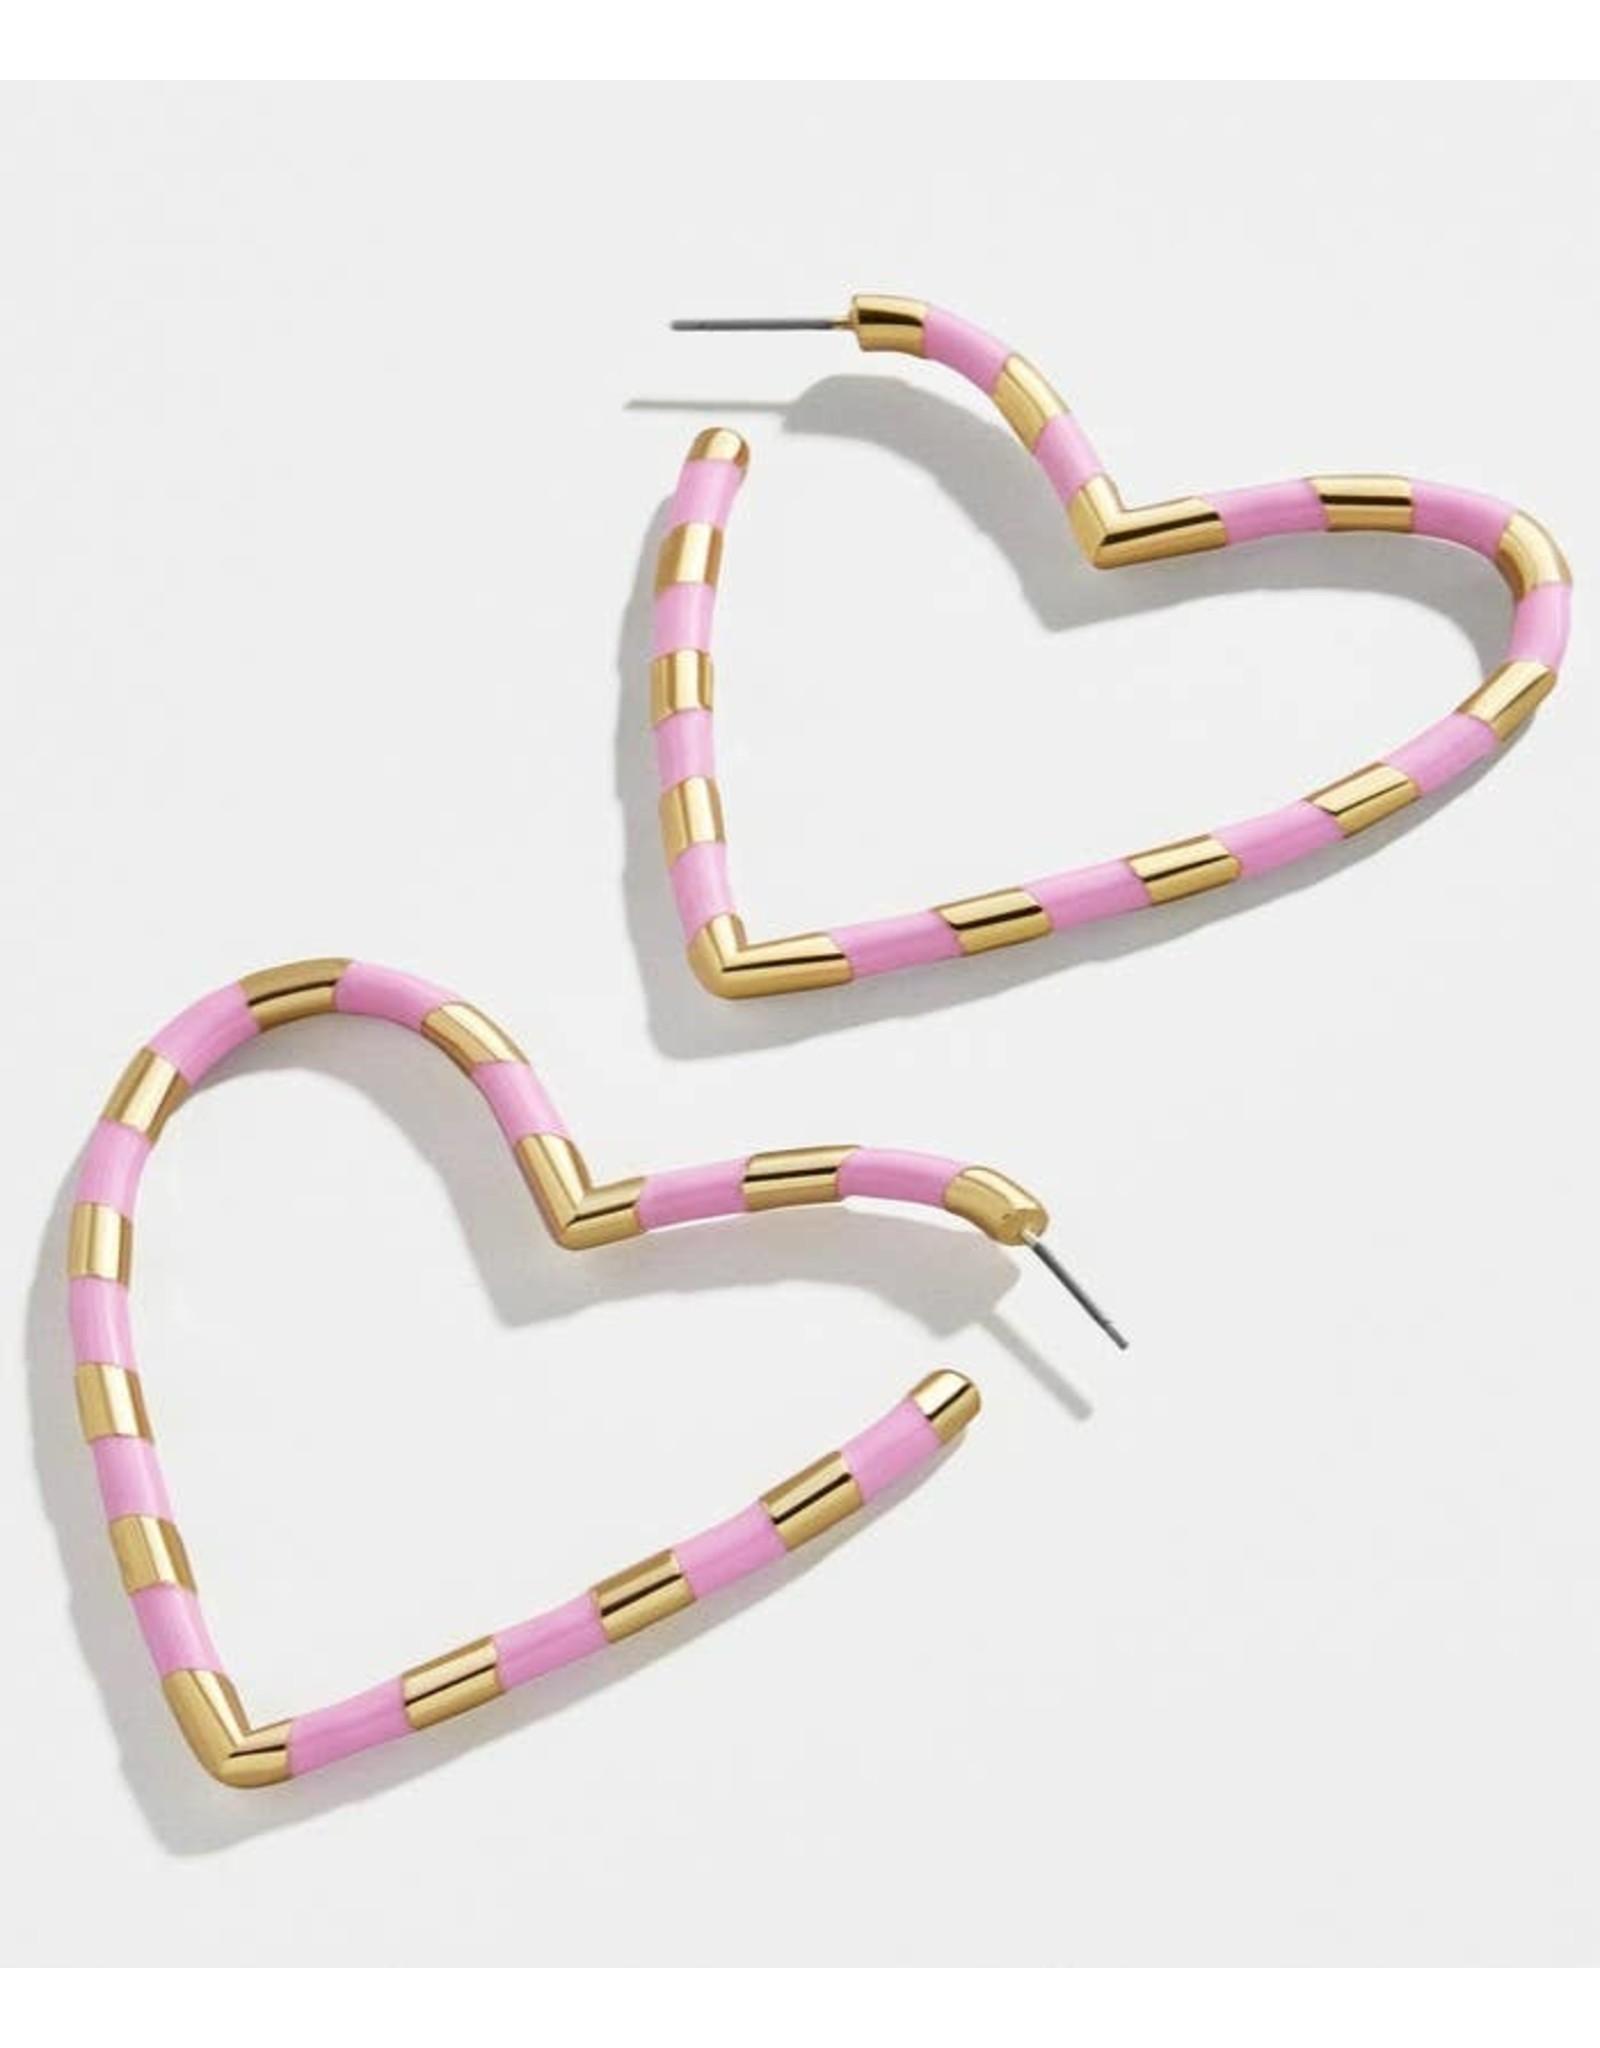 KOKO & LOLA PINK & GOLD OPEN HEART EARRINGS